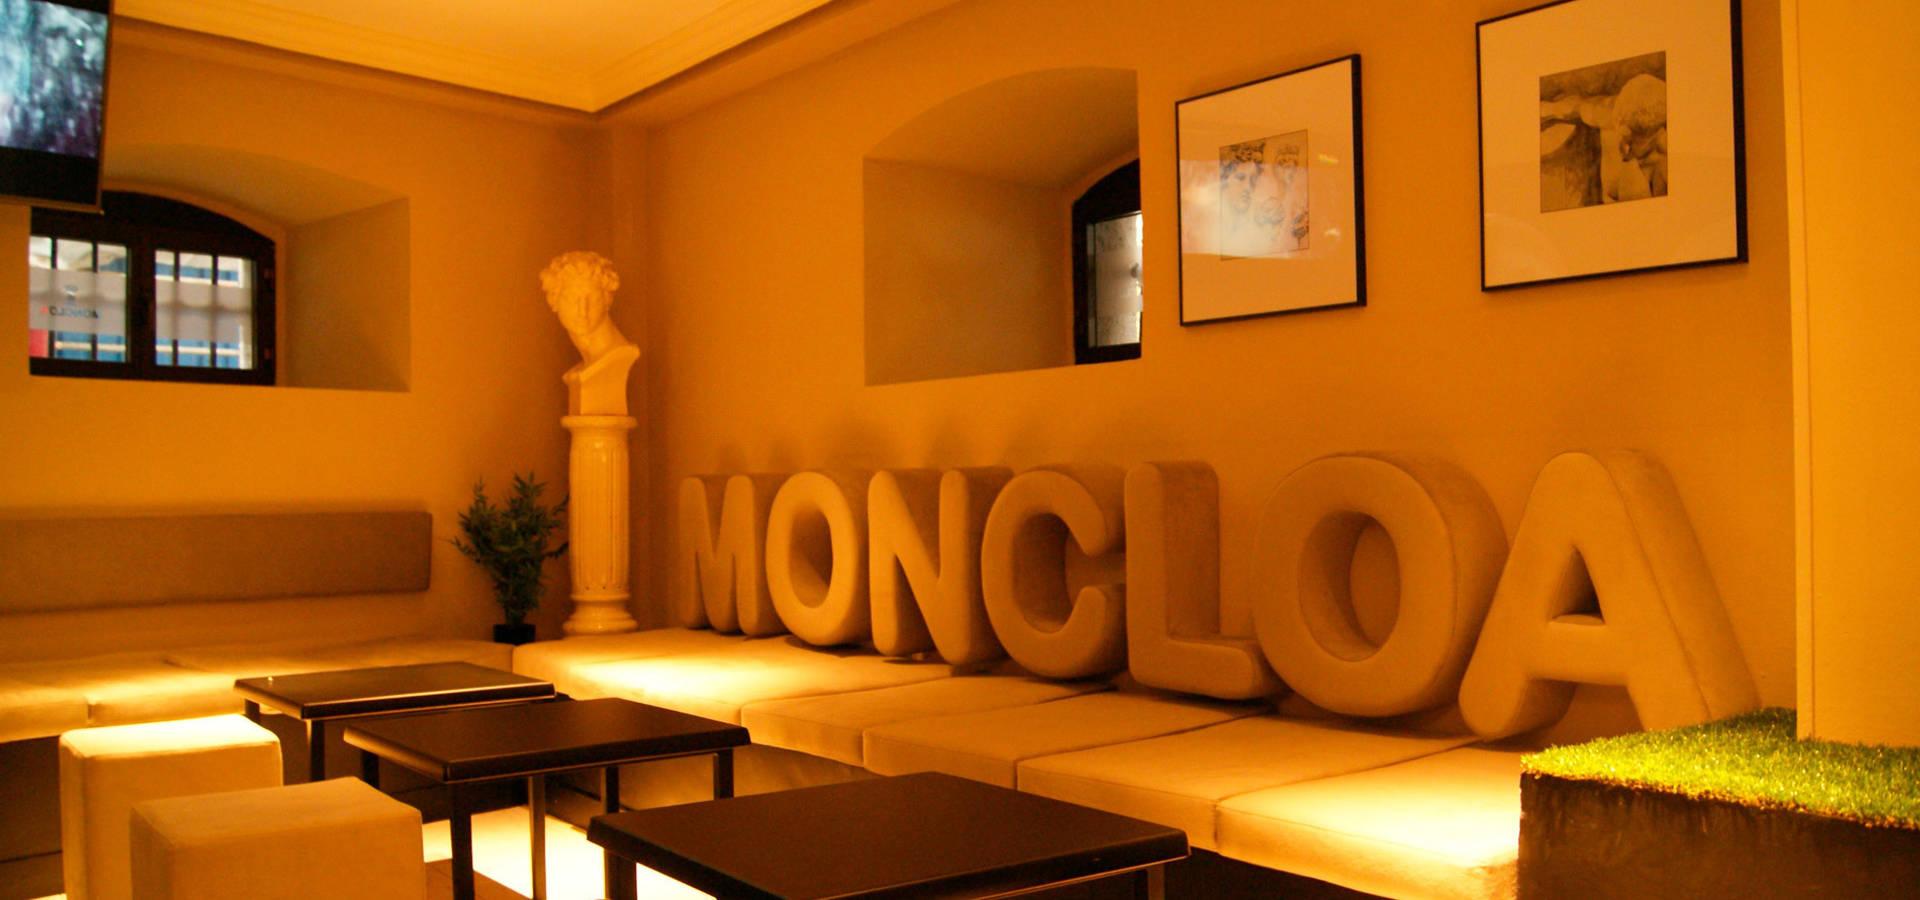 Blakinteriorismo s l decoradores y dise adores de - Decoradores de interiores en bilbao ...